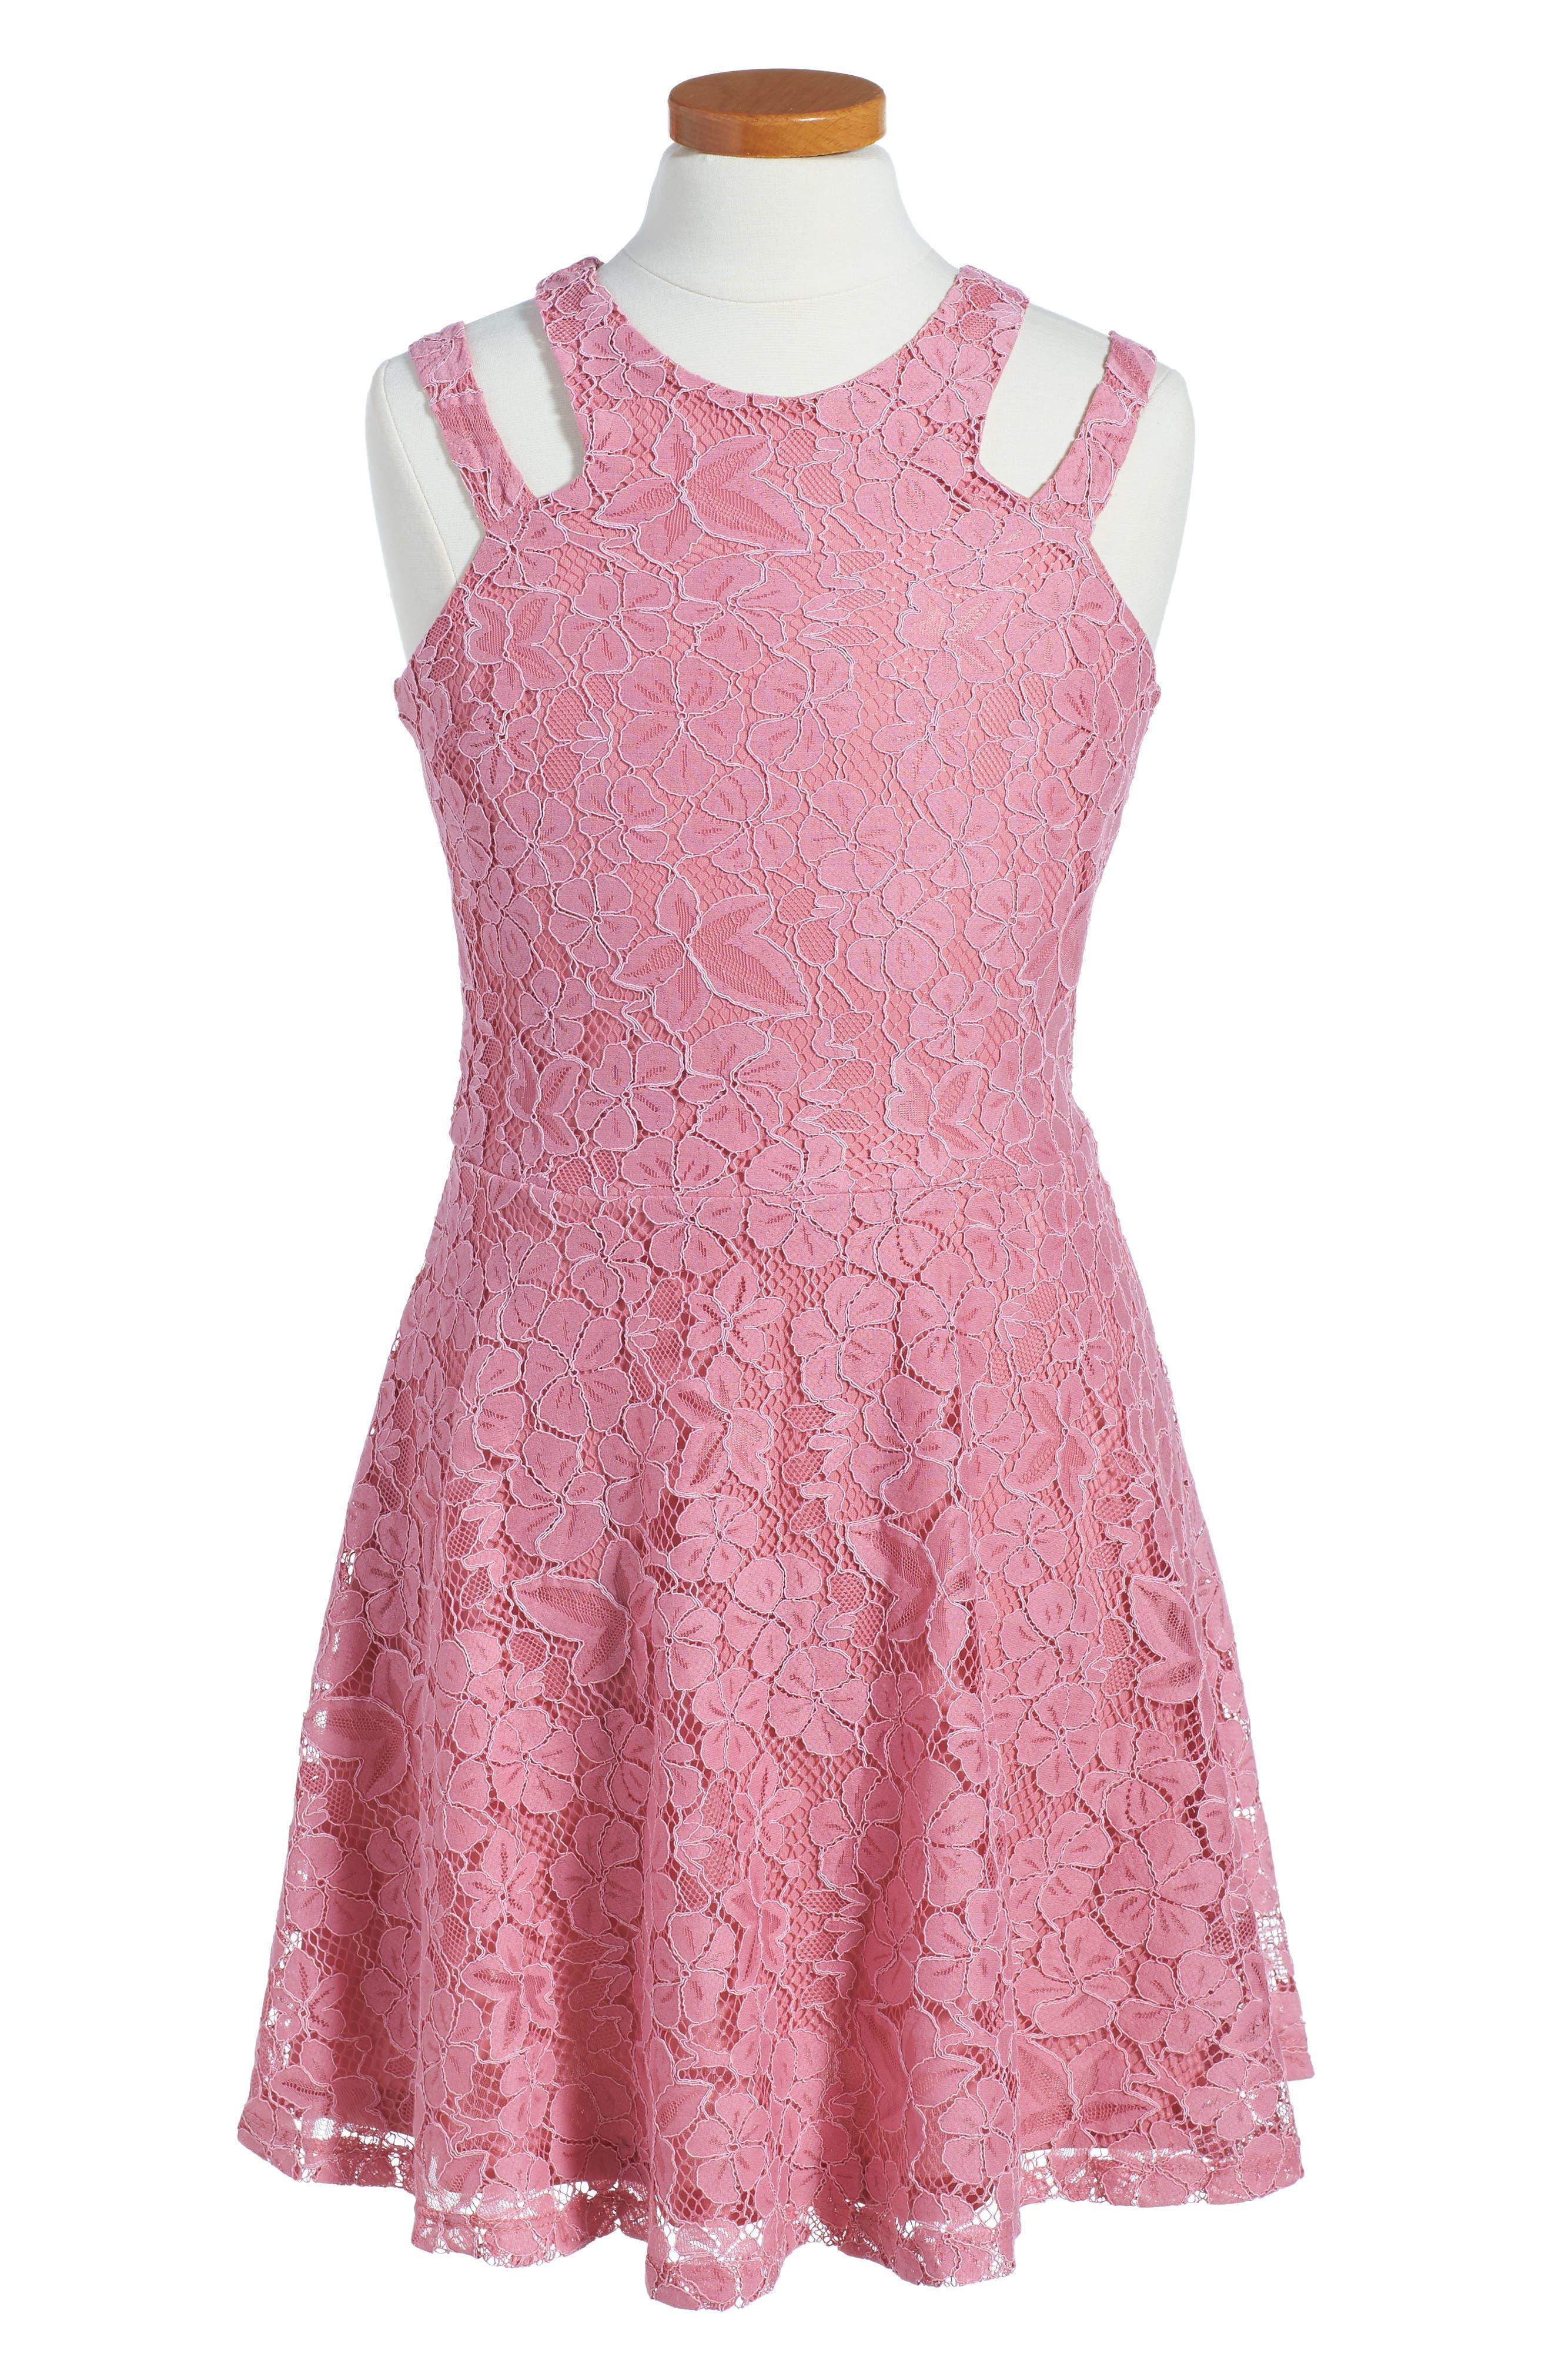 Alternate Image 1 Selected - Penelope Tree Lace Sleeveless Dress (Big Girls)